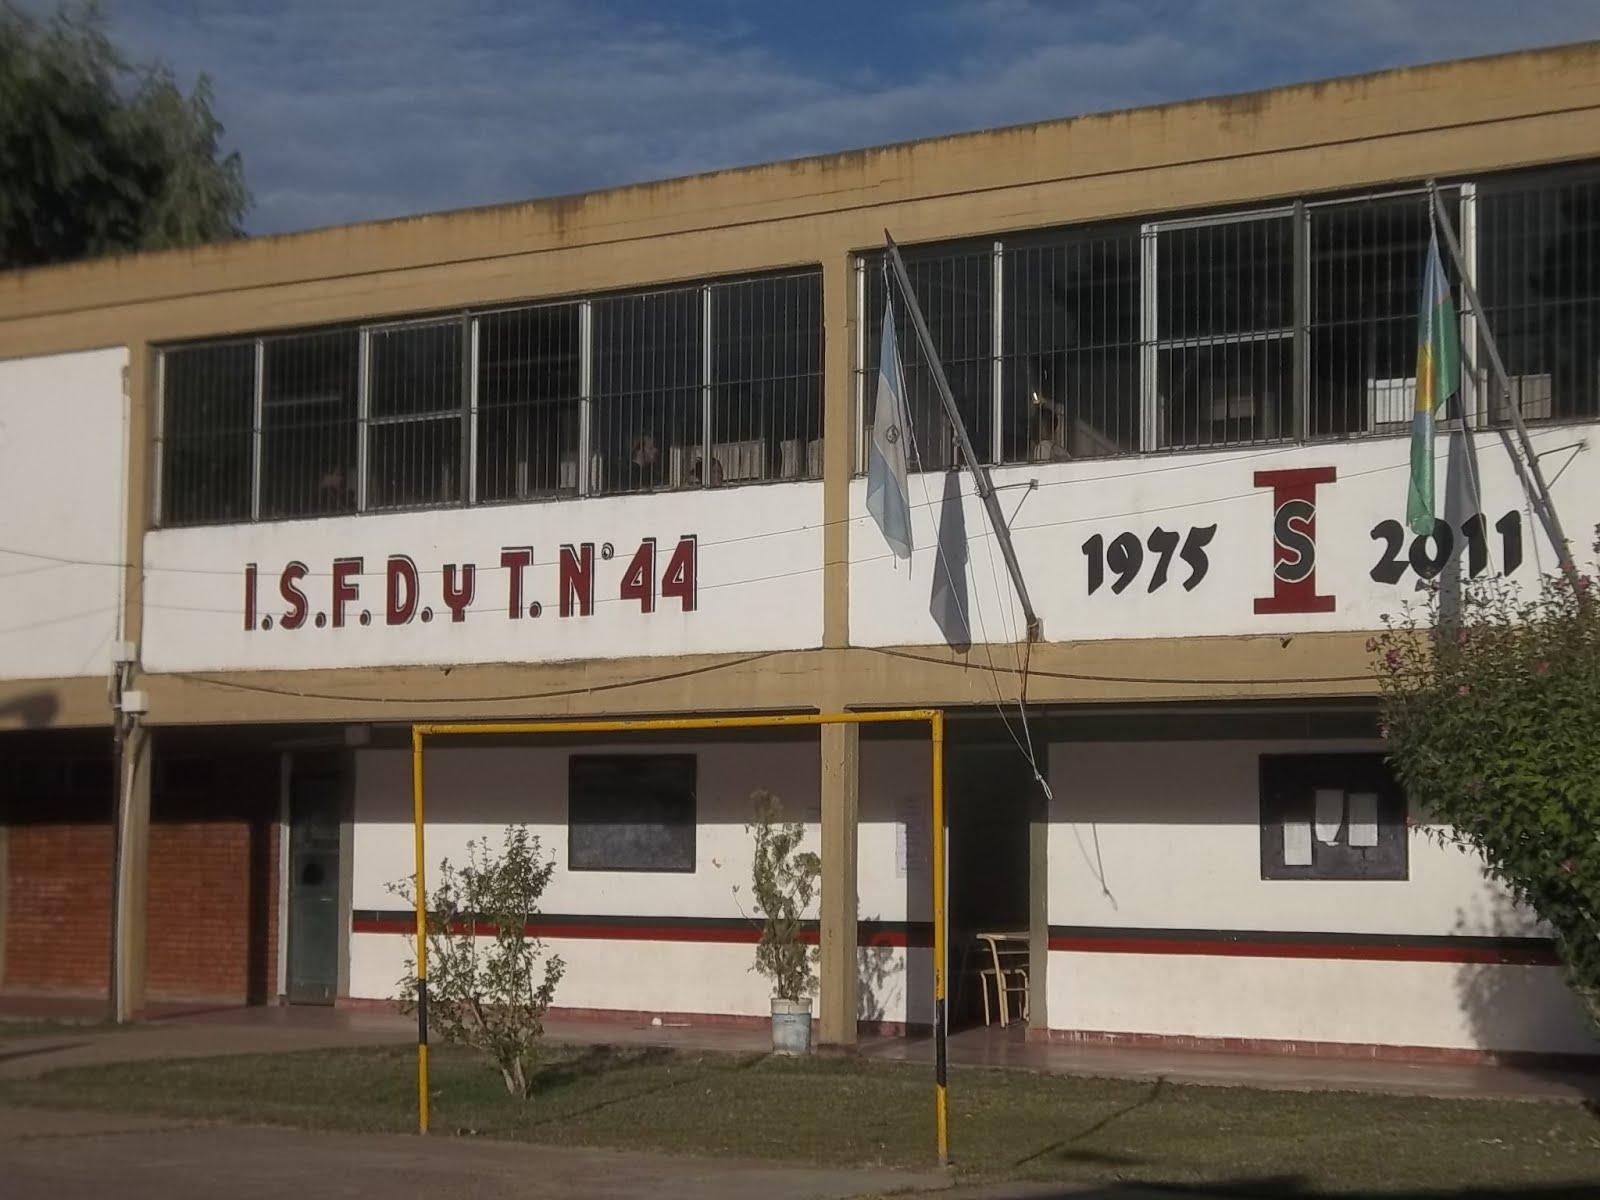 I.S.F.D. y T. n° 44 - Gral. Las Heras